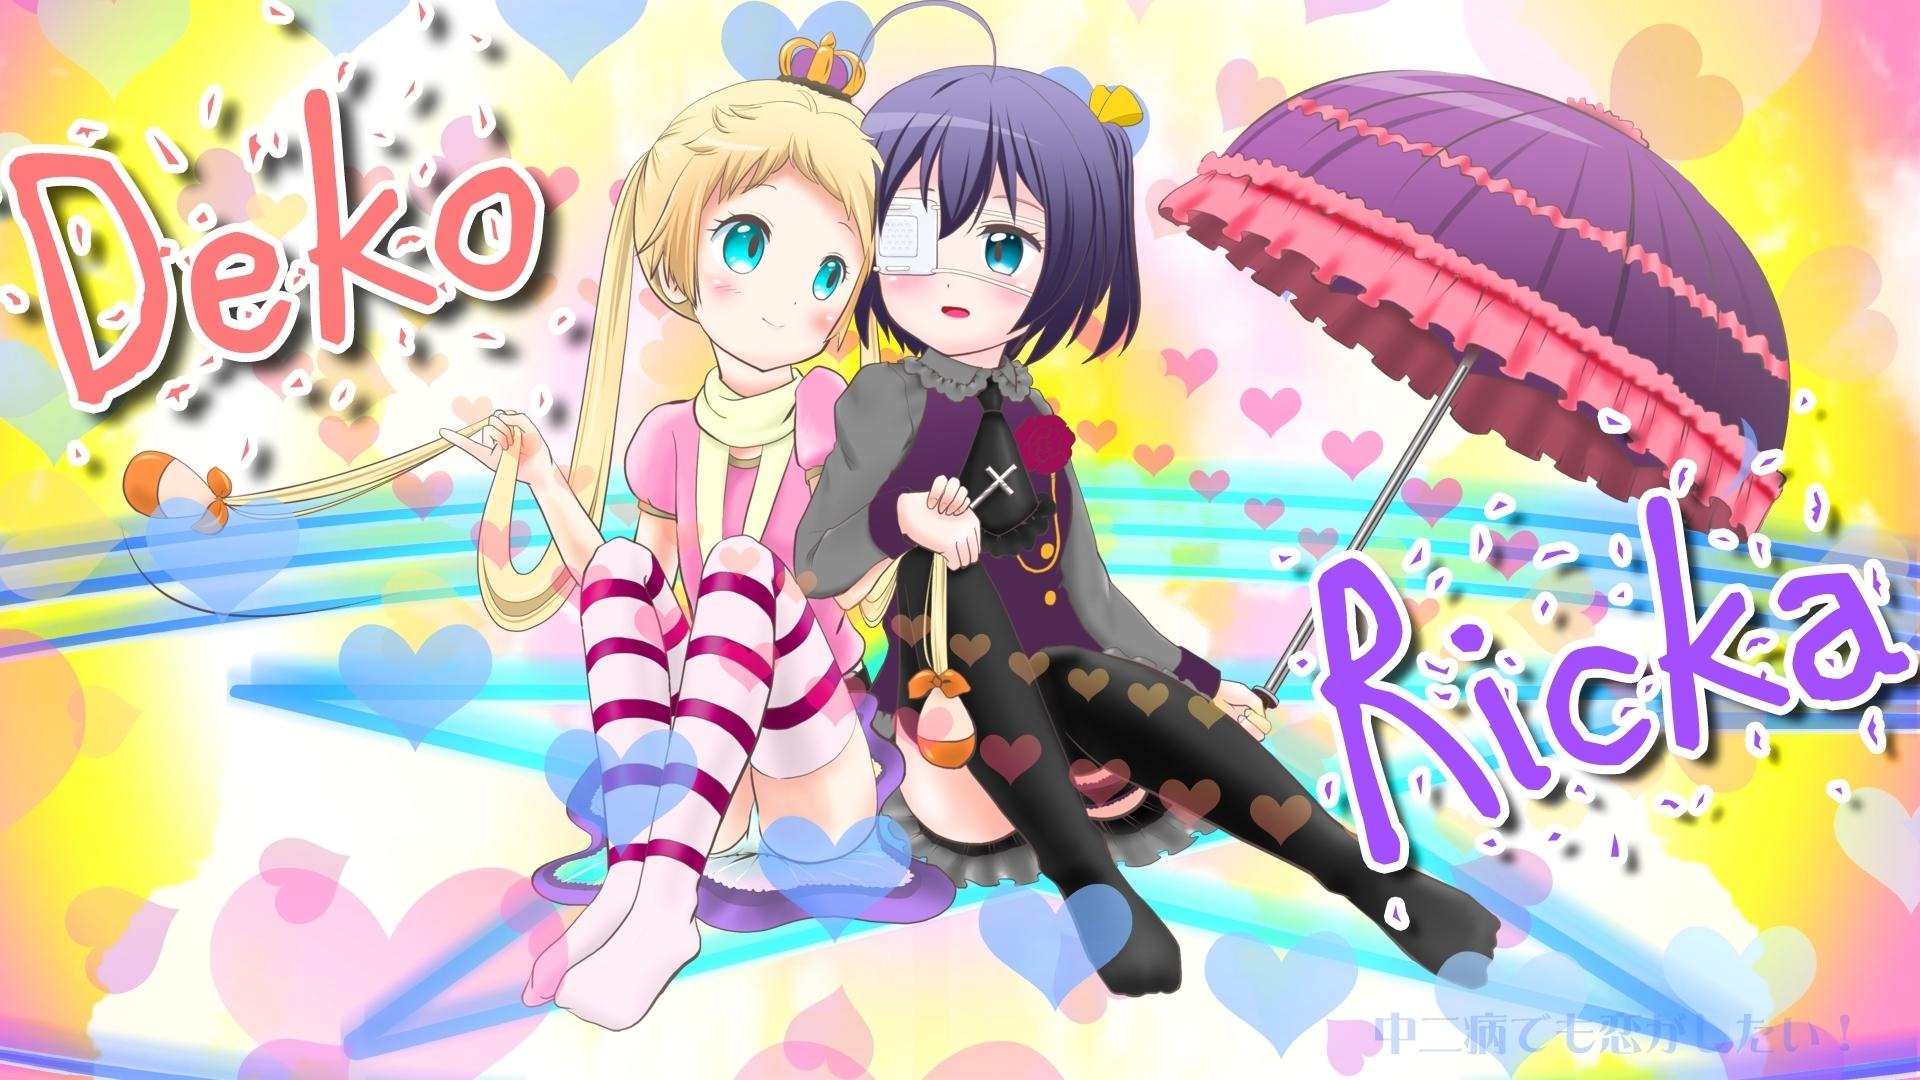 Nsfw Anime Wallpaper Reddit - impremedia.net